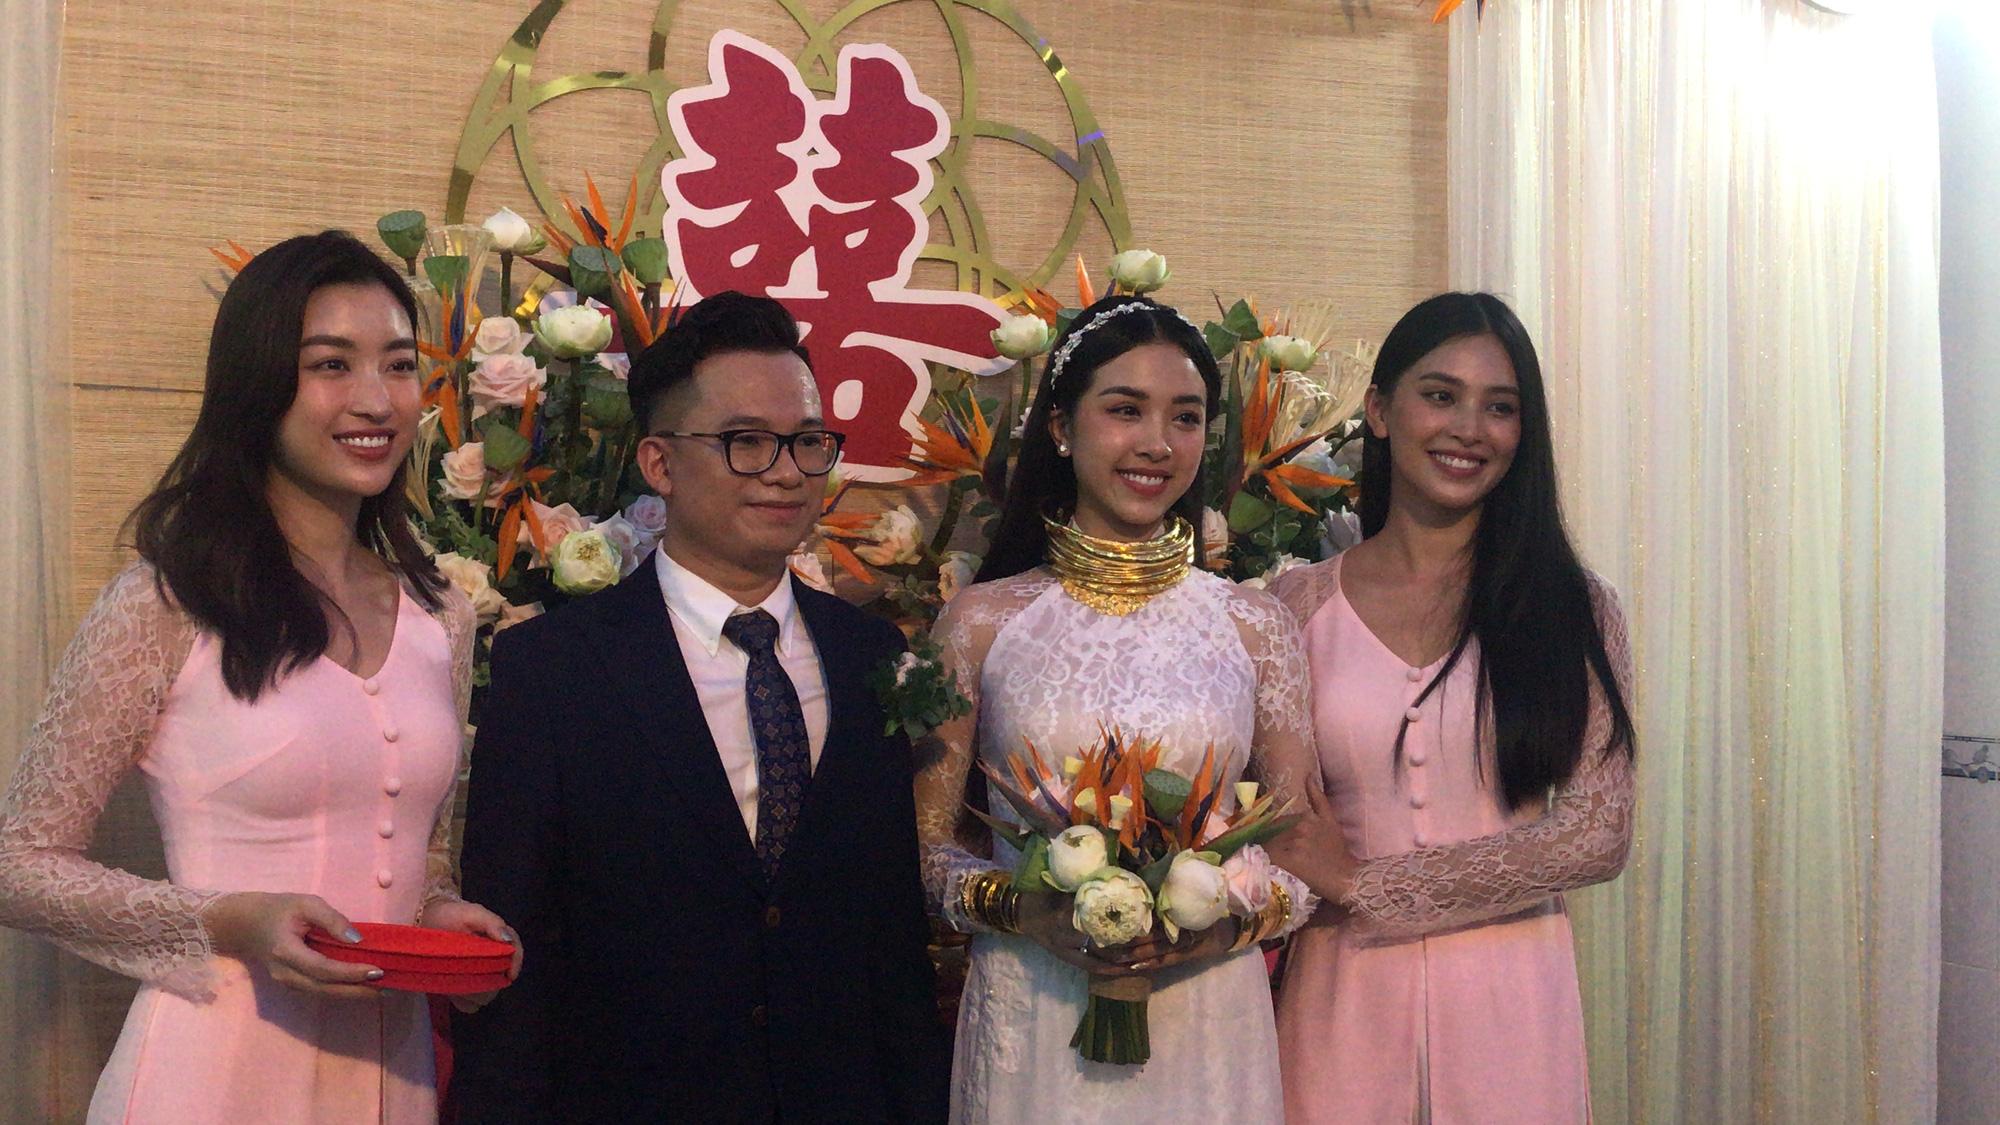 """""""Choáng"""" vì Á hậu Thúy An đeo vàng """"nặng trĩu"""" ngày cưới chồng tiến sĩ hơn 10 tuổi - Ảnh 1."""